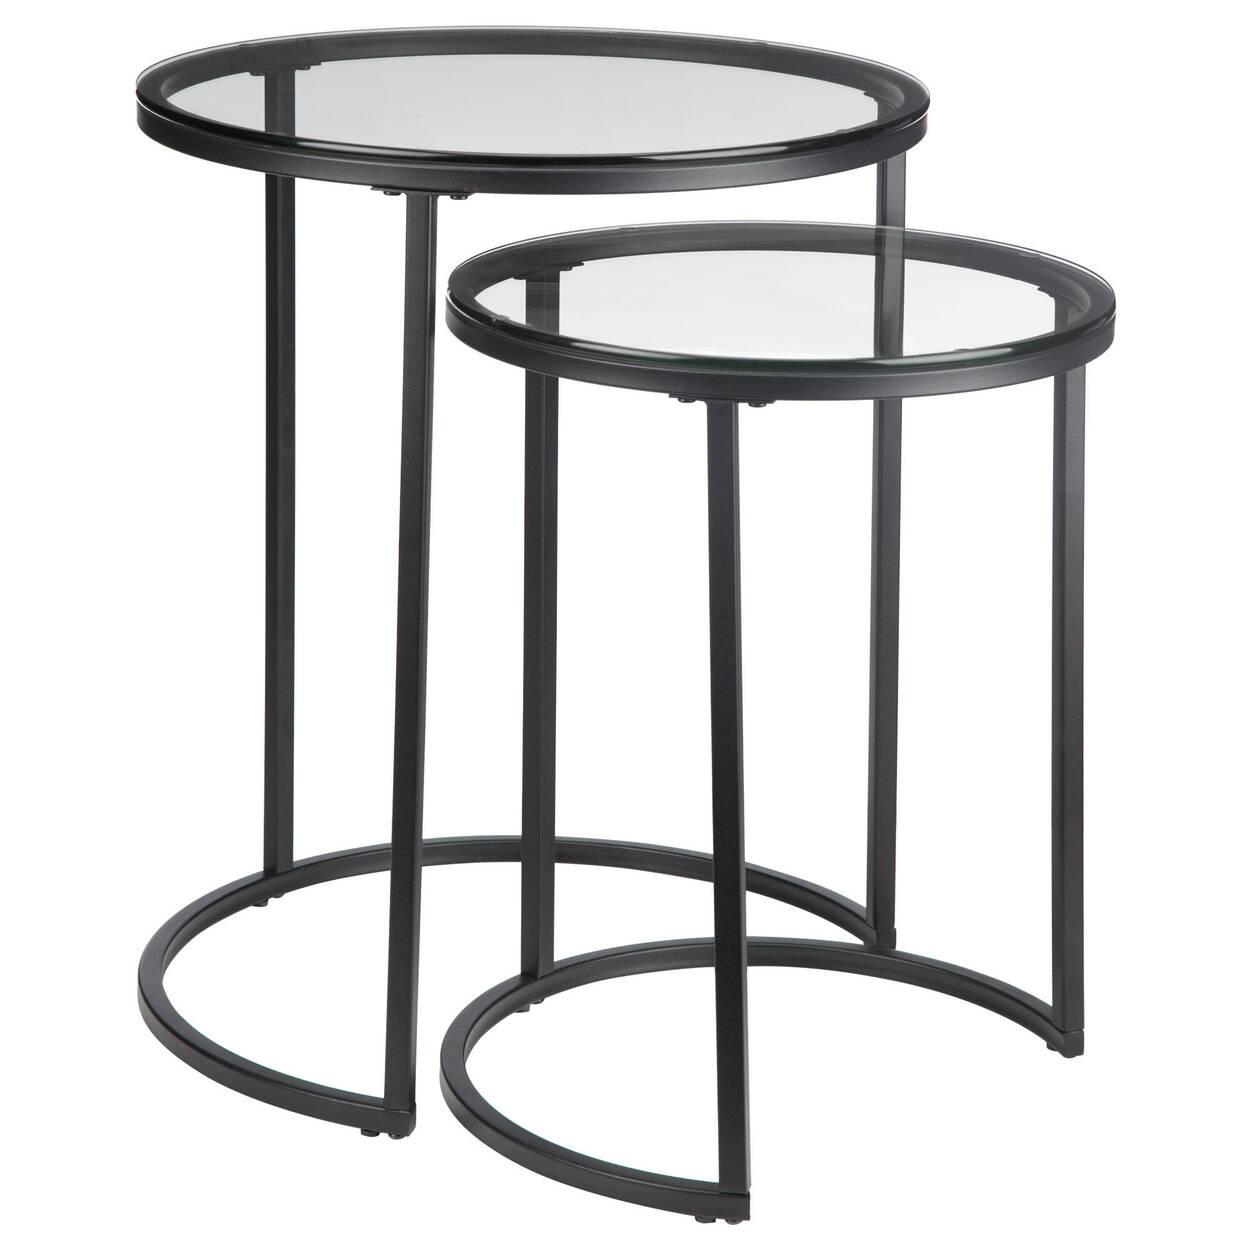 Ensemble de 2 tables d'appoint en verre avec pieds en fer